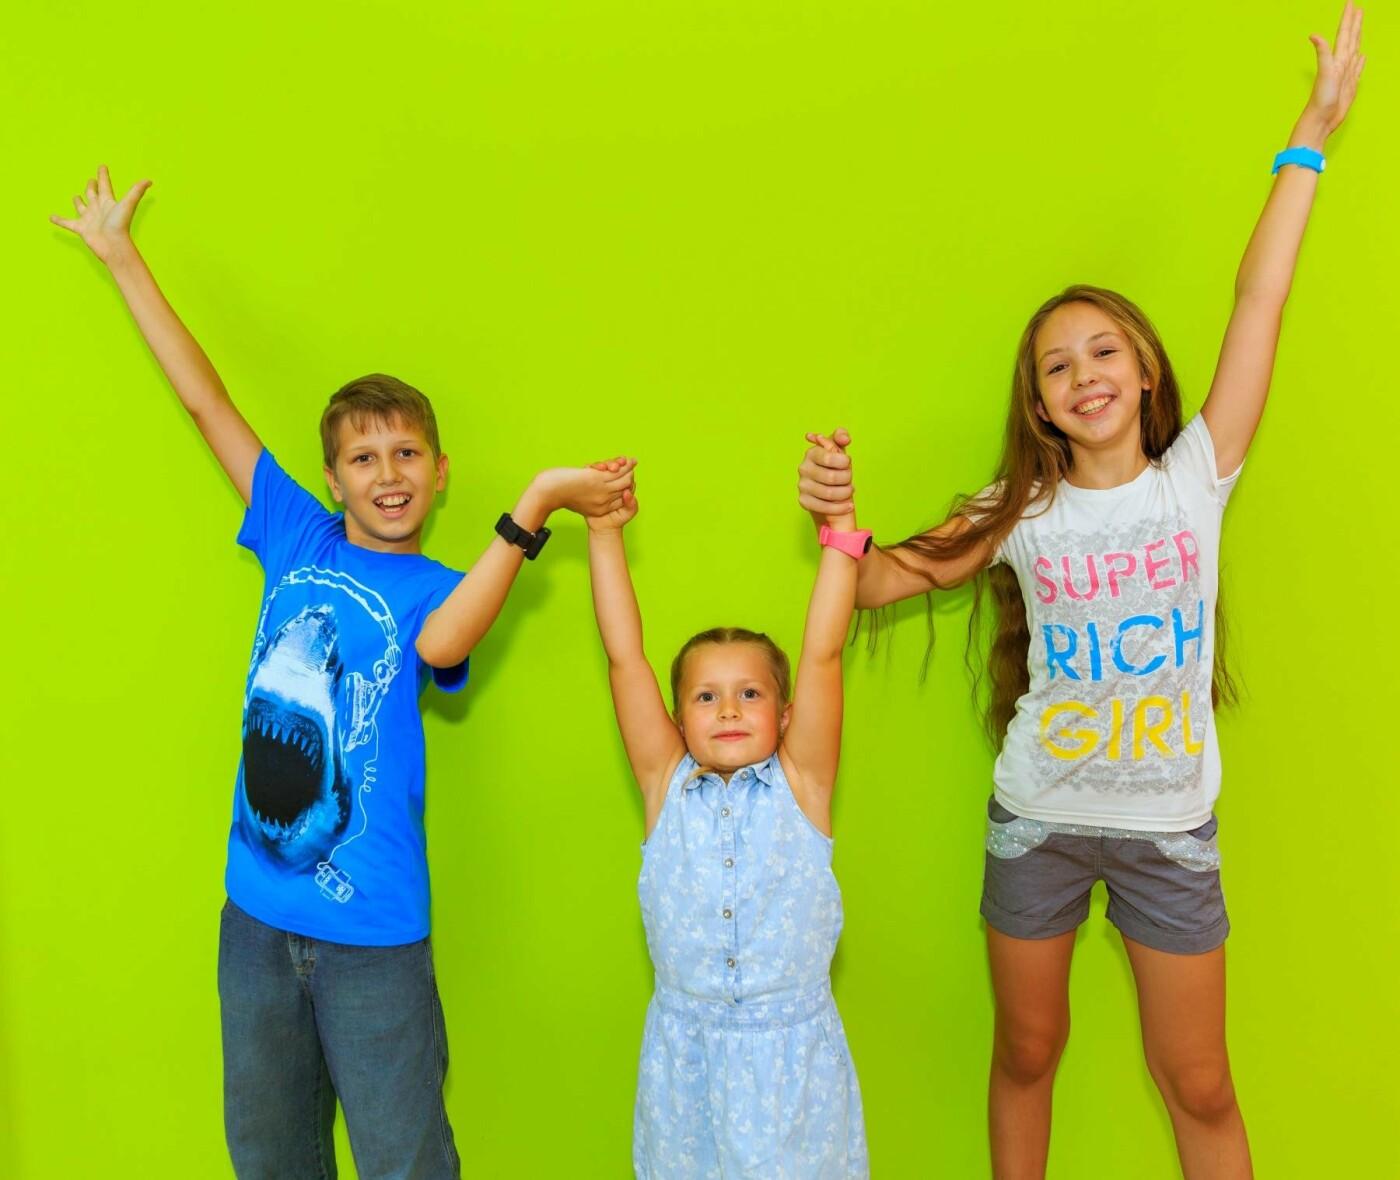 Как обезопасить своего ребенка от плохой компании и физического насилия?, фото-4